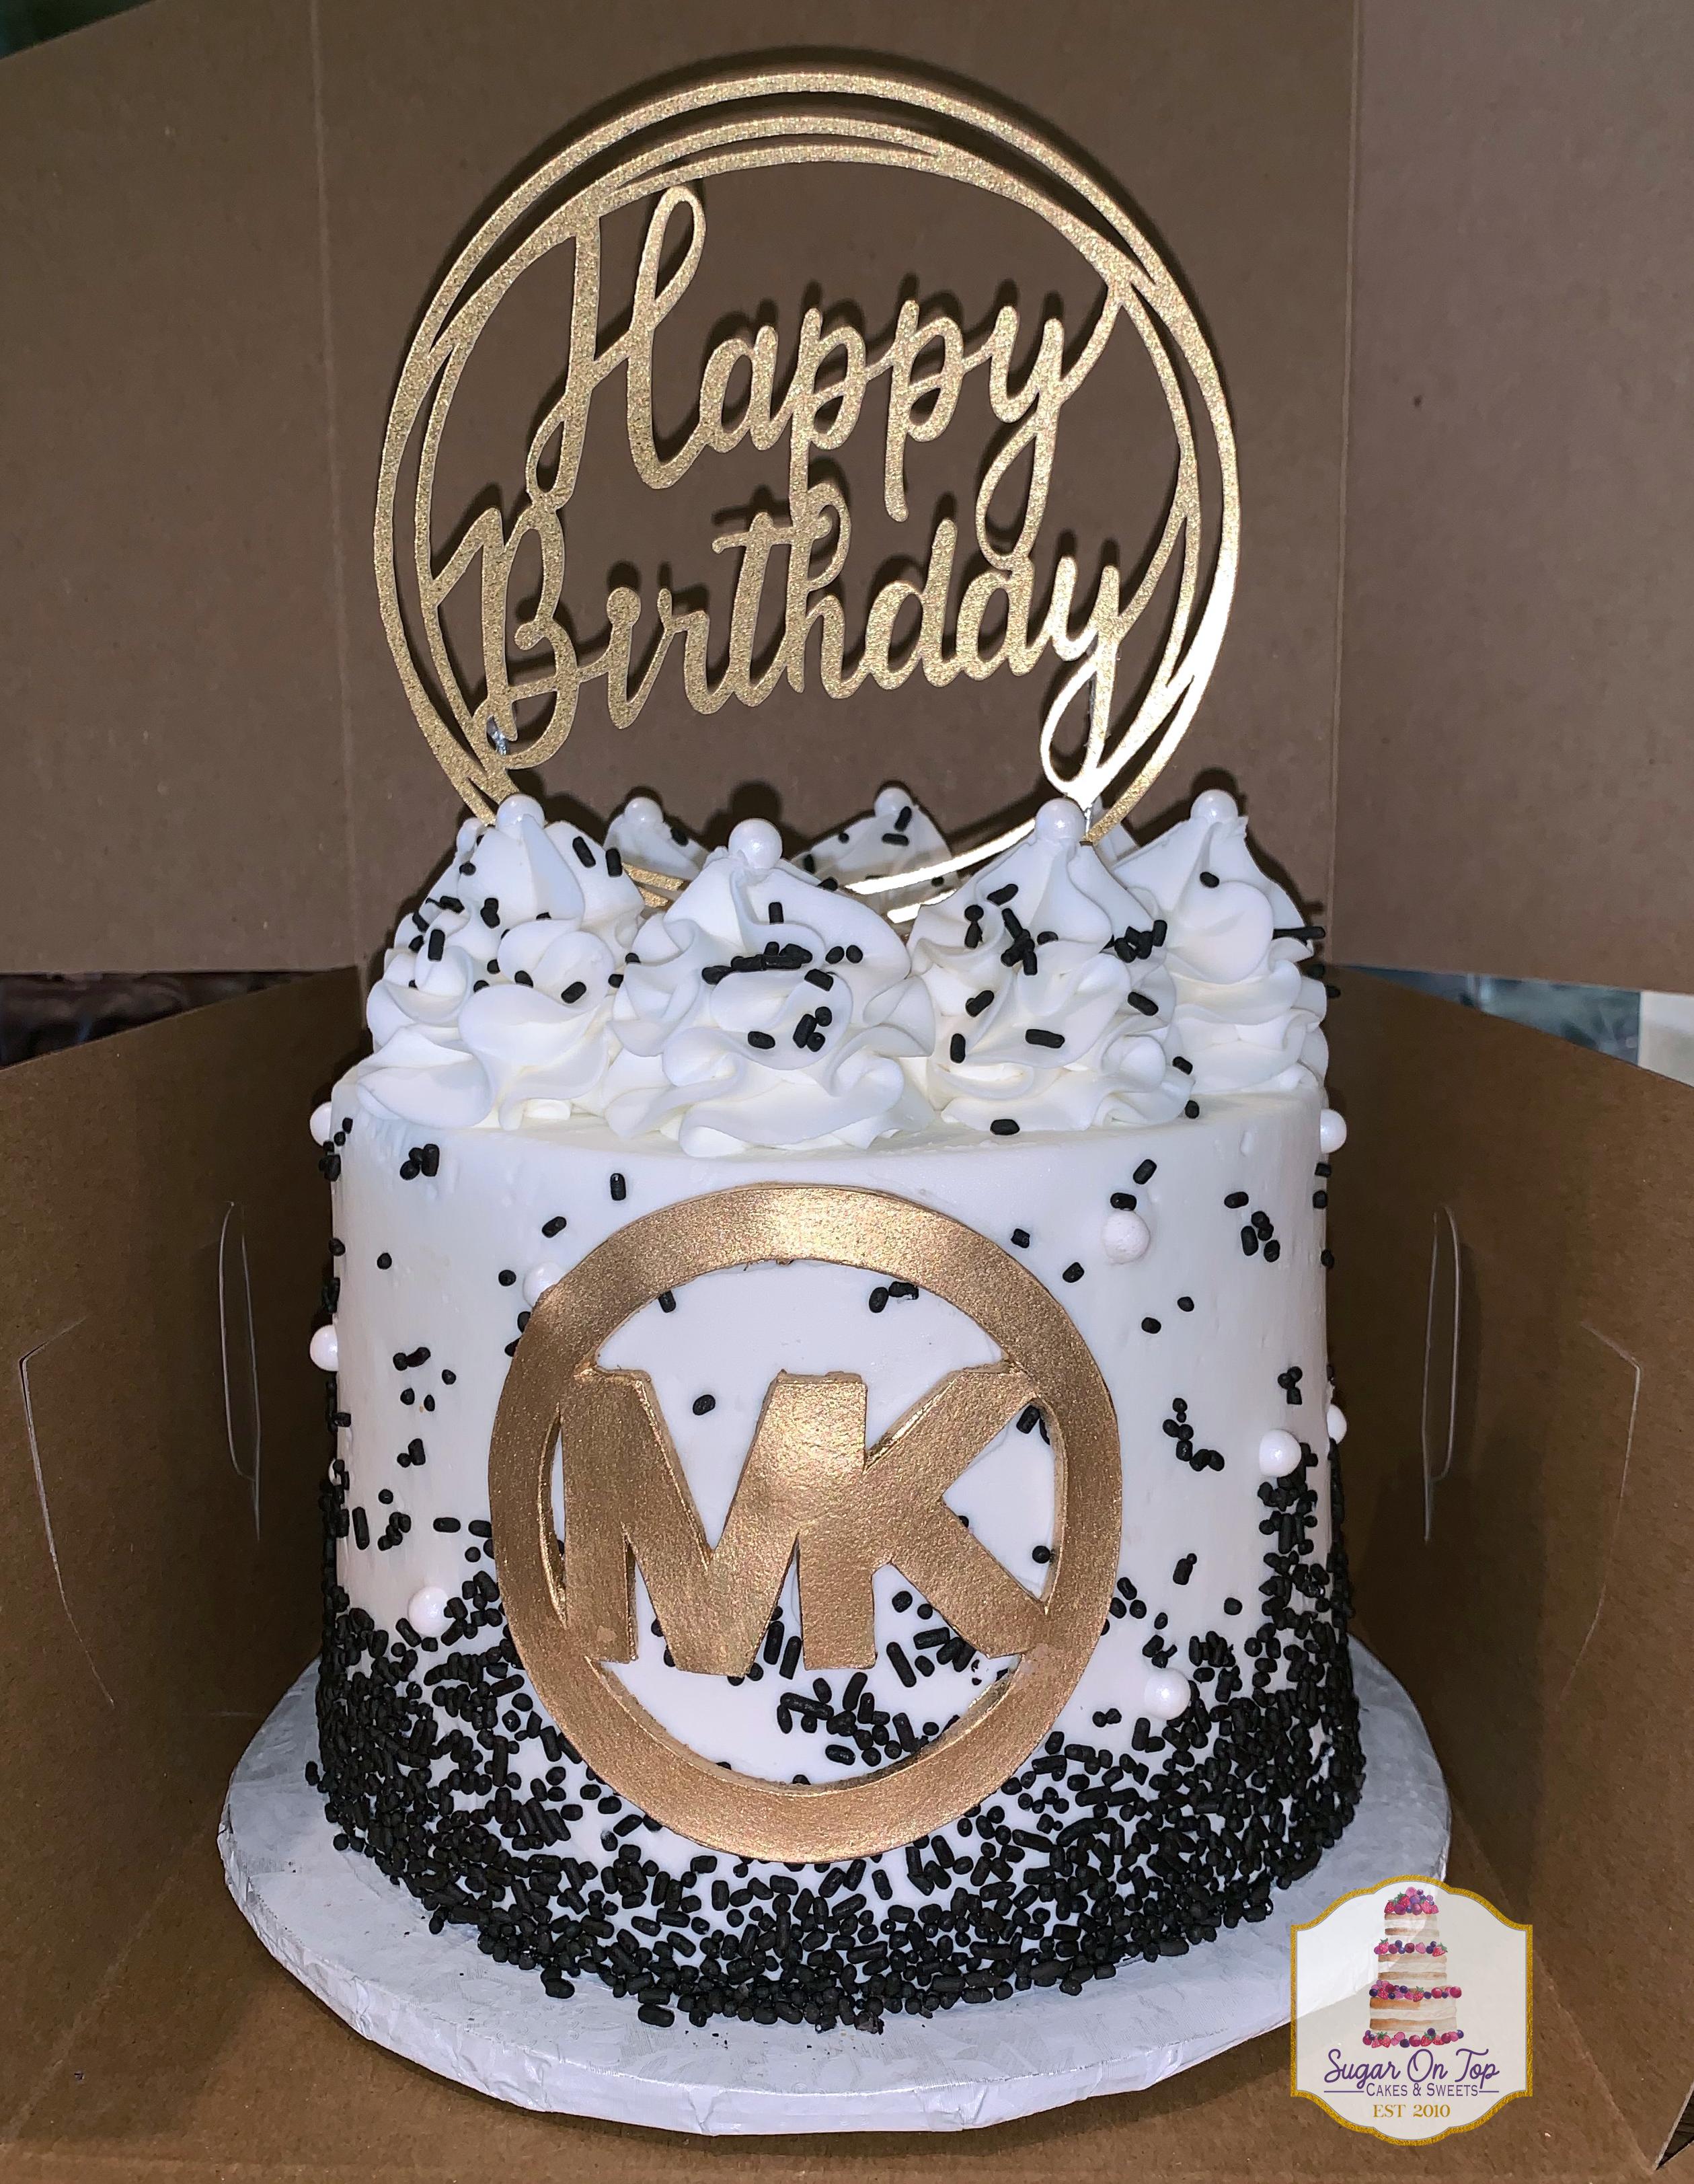 MK cake for miranda